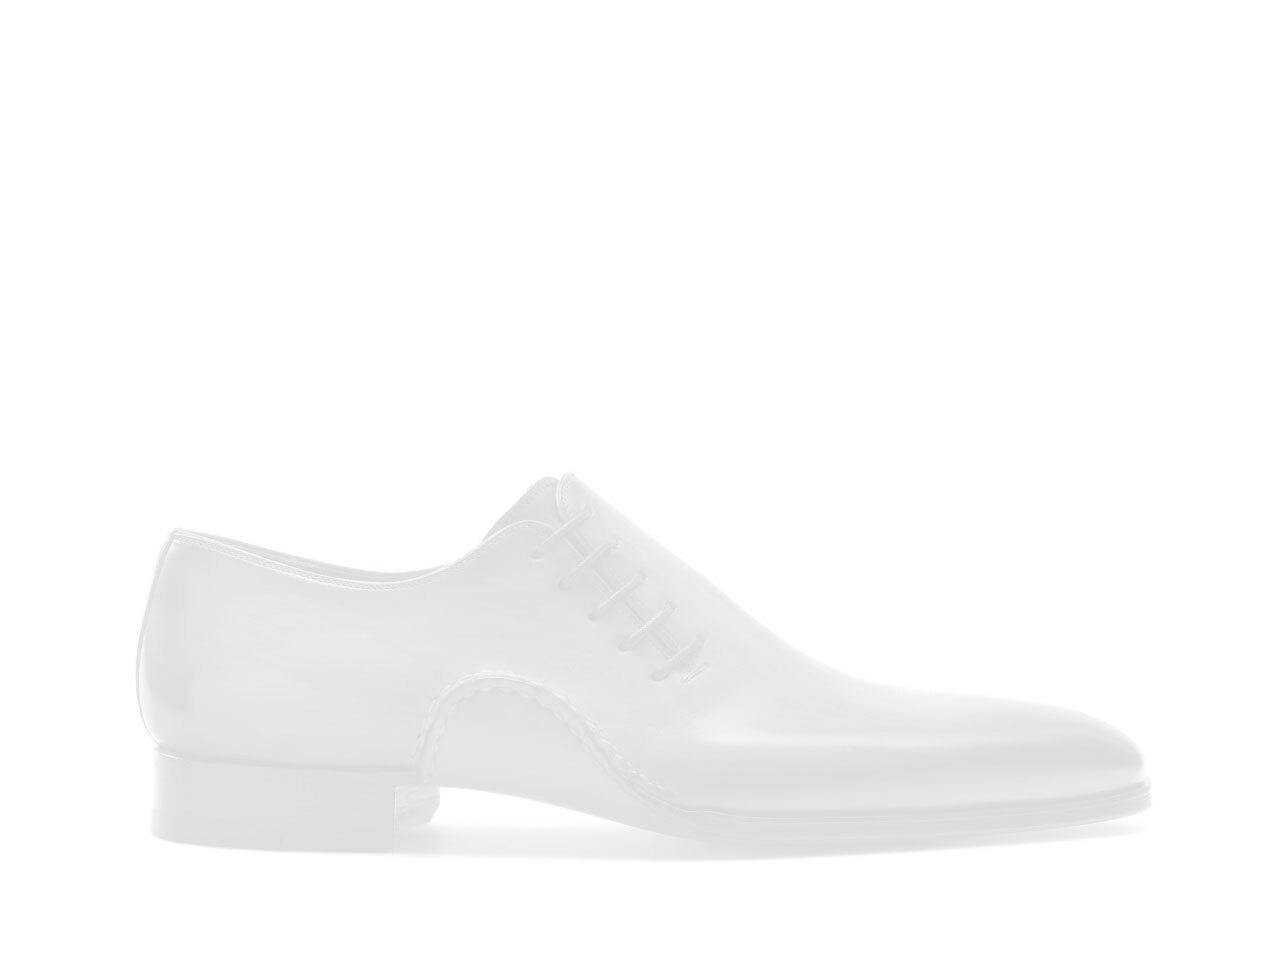 Sole of the Magnanni Derek Royal Men's Double Monk Strap Shoes